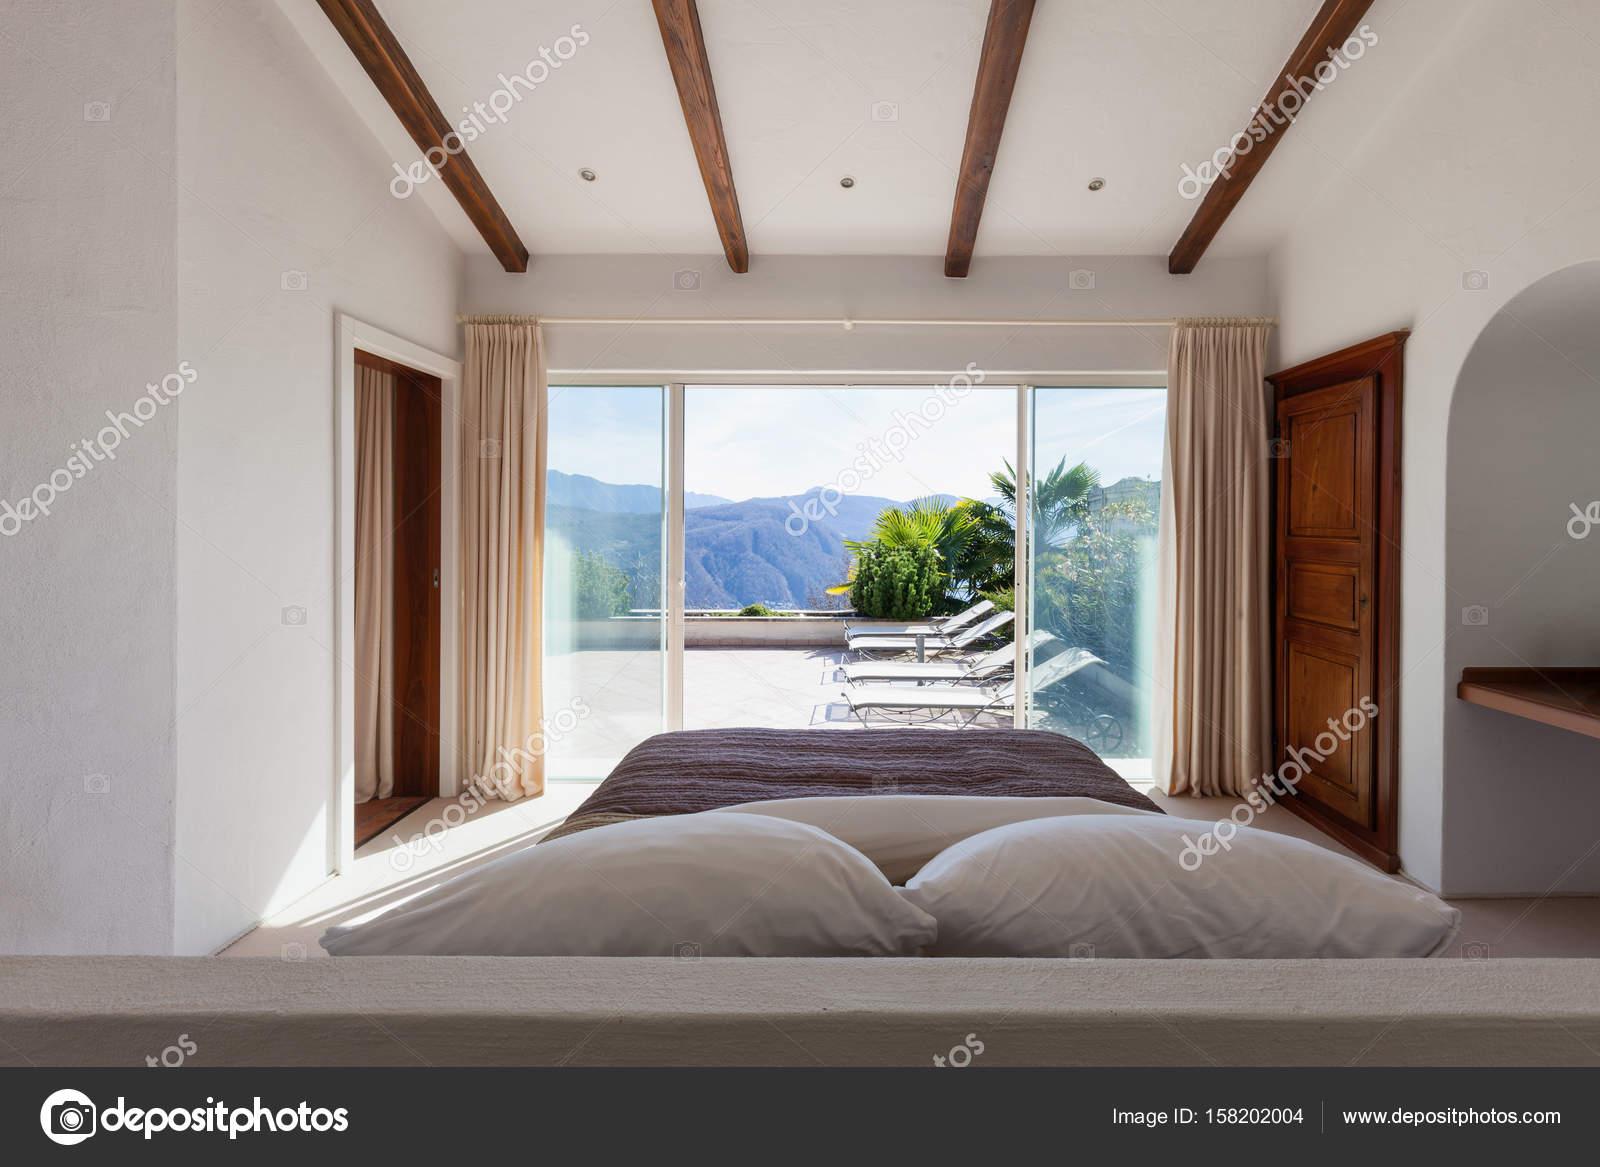 Vasca Da Bagno In Camera Da Letto : Moderna villa interno camera da letto con vasca da bagno foto